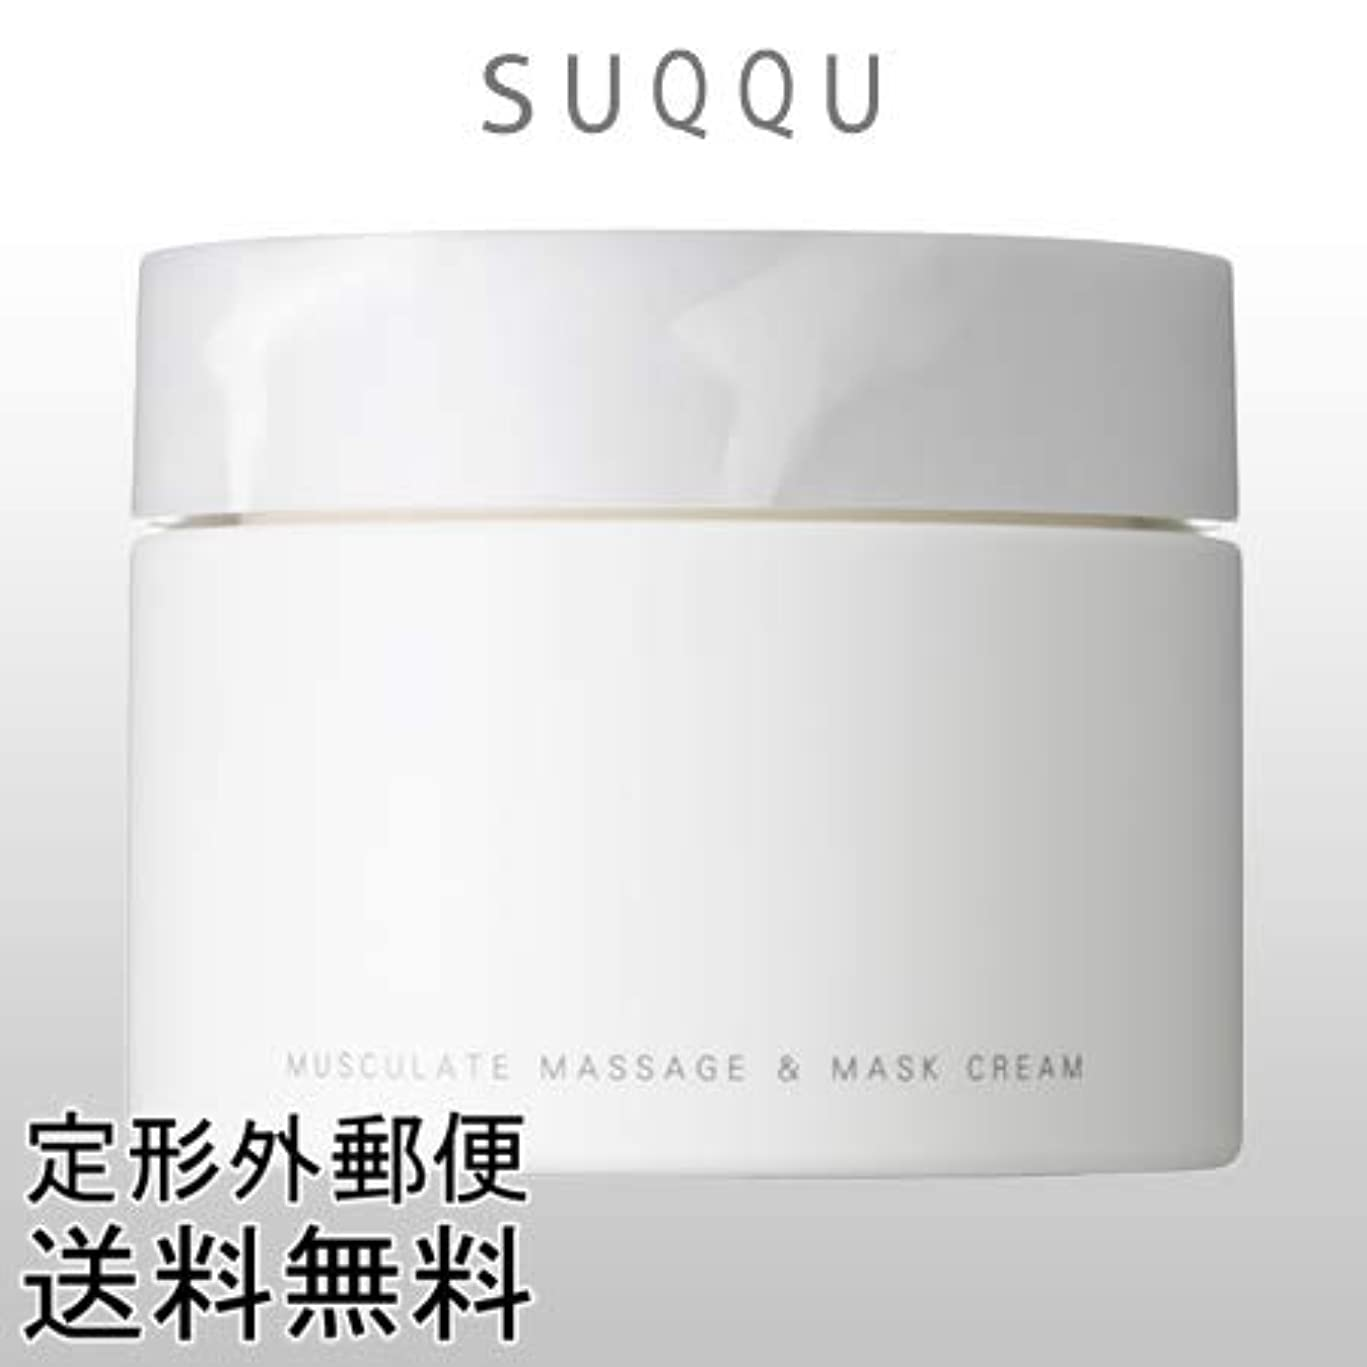 維持絶えず取り替えるSUQQU スック マスキュレイト マッサージ&マスク クリーム 200g